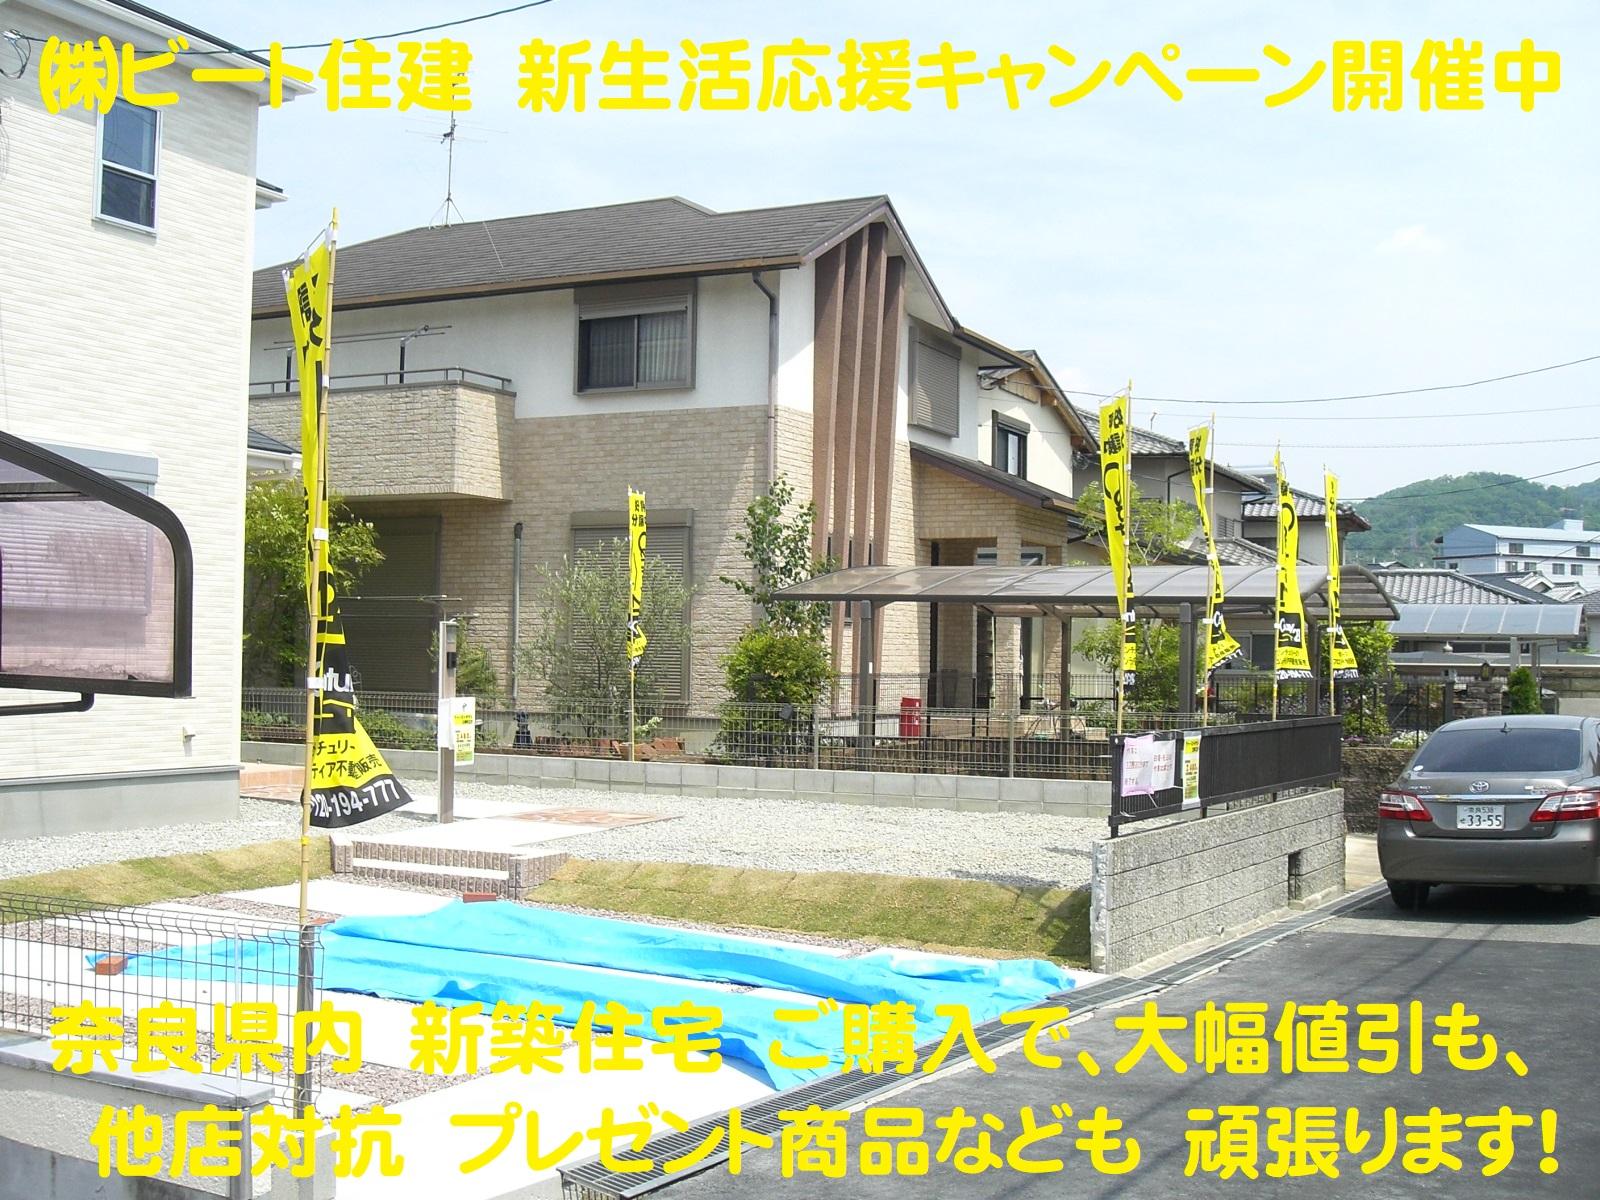 三郷町 三室 新築 1号棟 建物 ファースト住建